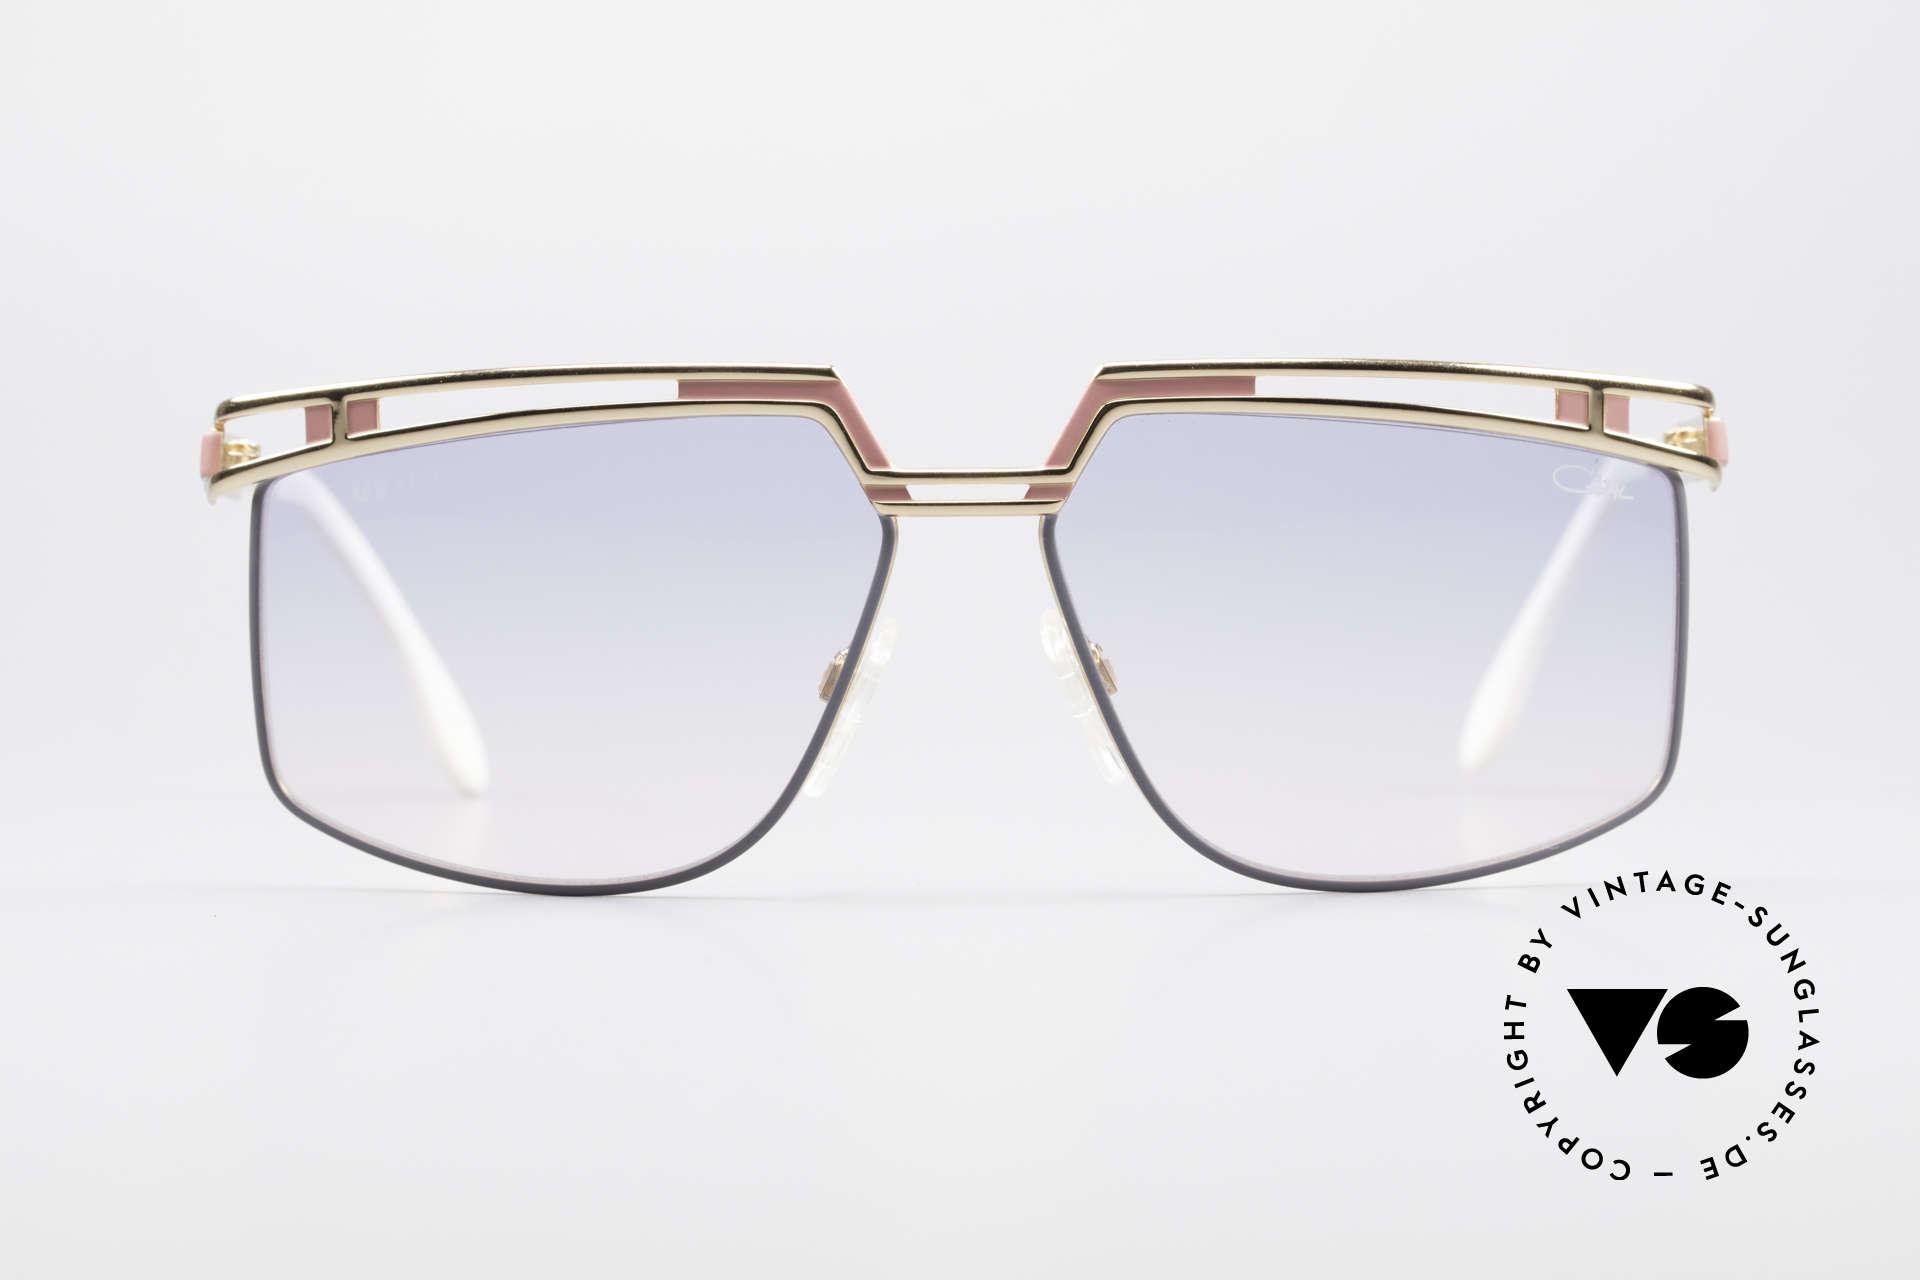 Cazal 957 Grosse HipHop Vintage Brille, Modell 957 gefertigt von circa 1988-1992 in Passau, Passend für Herren und Damen